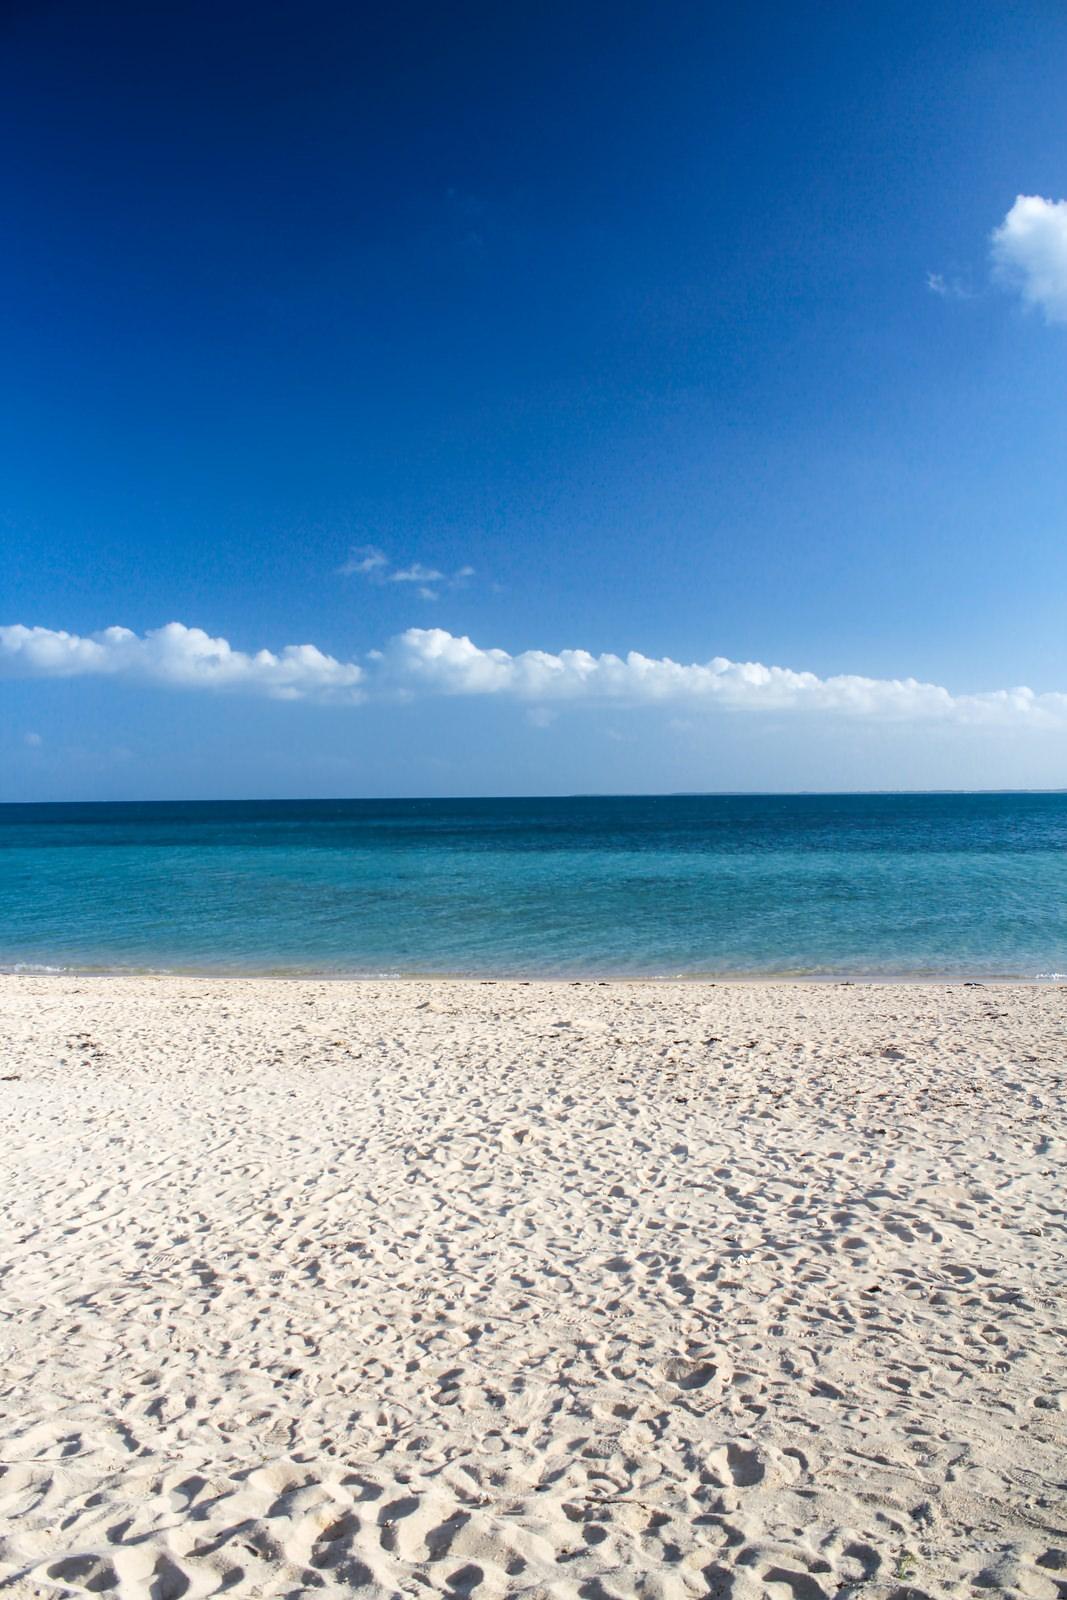 海_青い海、白い砂浜 ぱくたそフリー写真素材